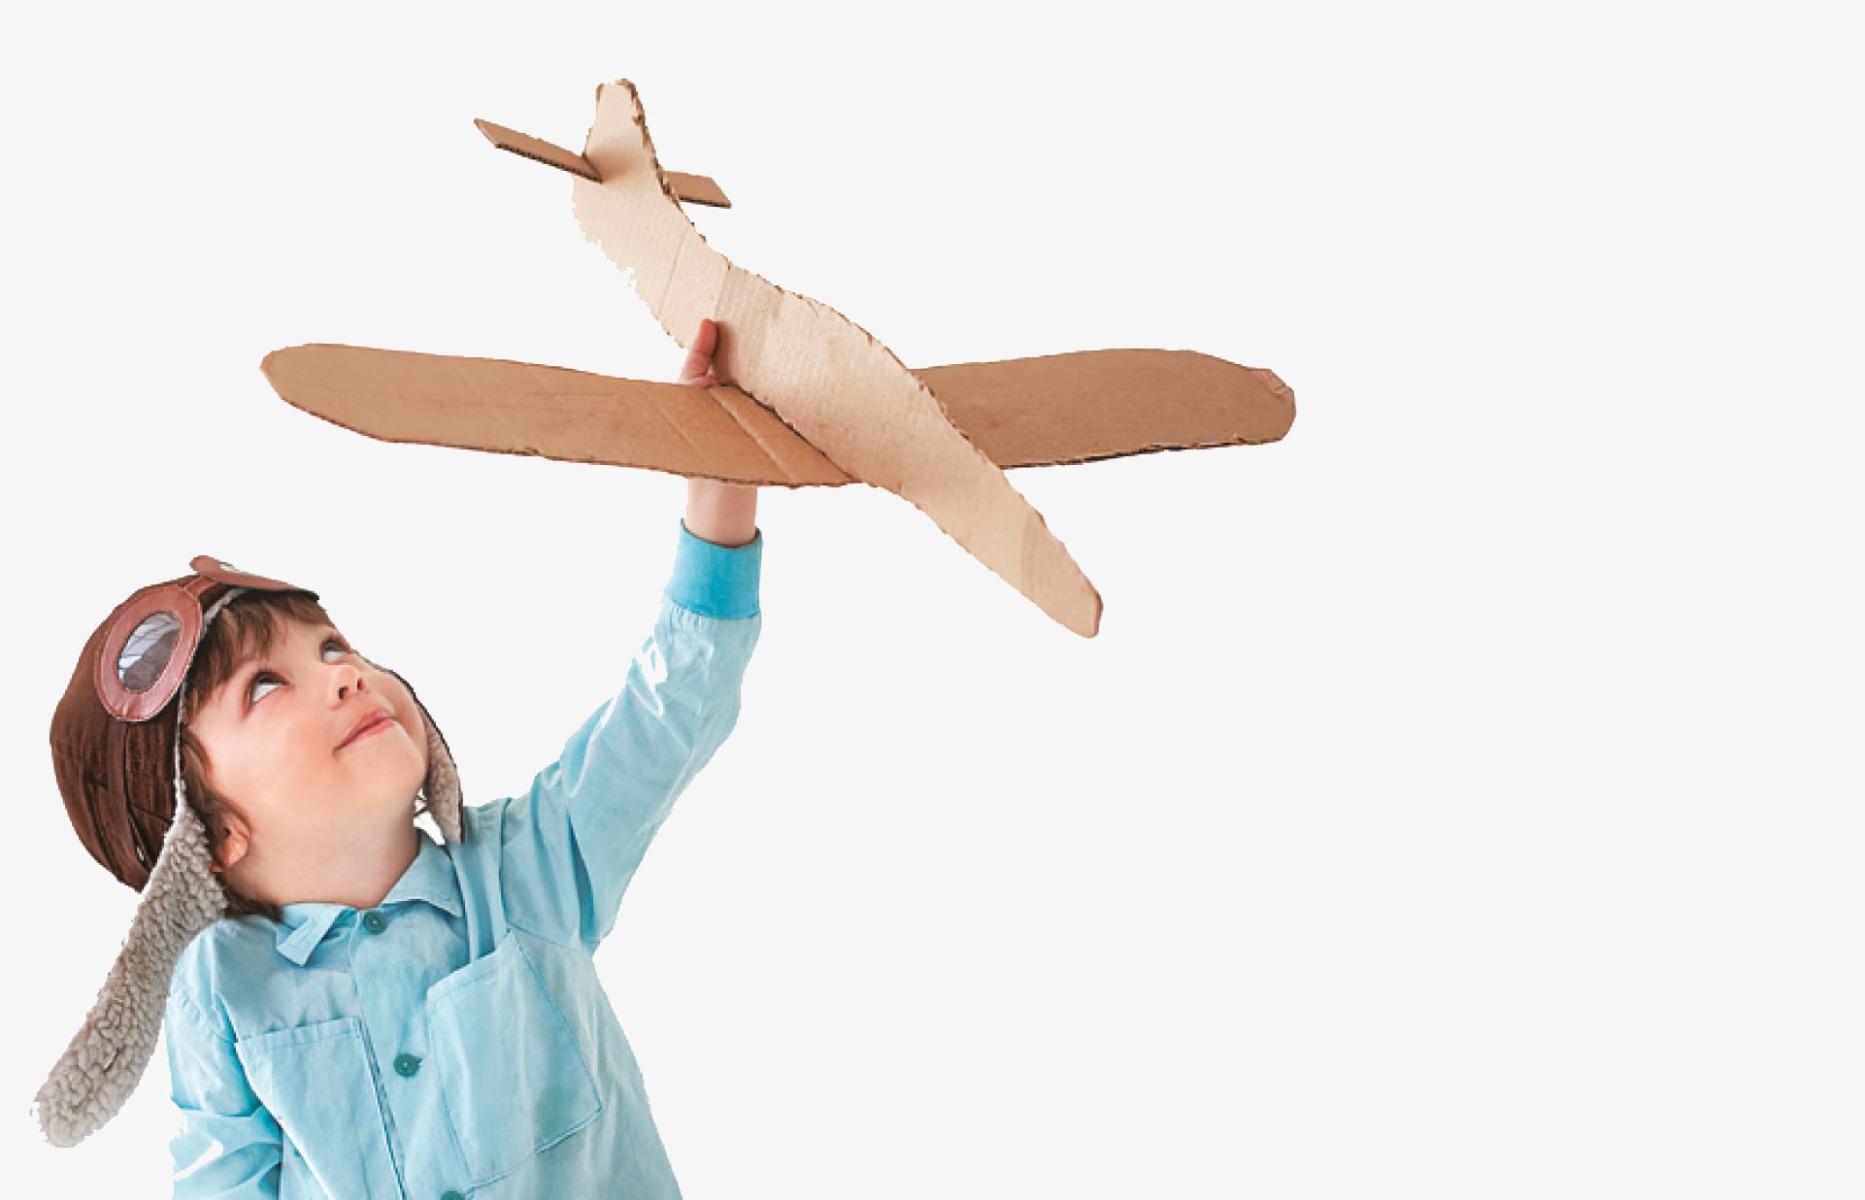 Peuter met kartonnen vliegtuig